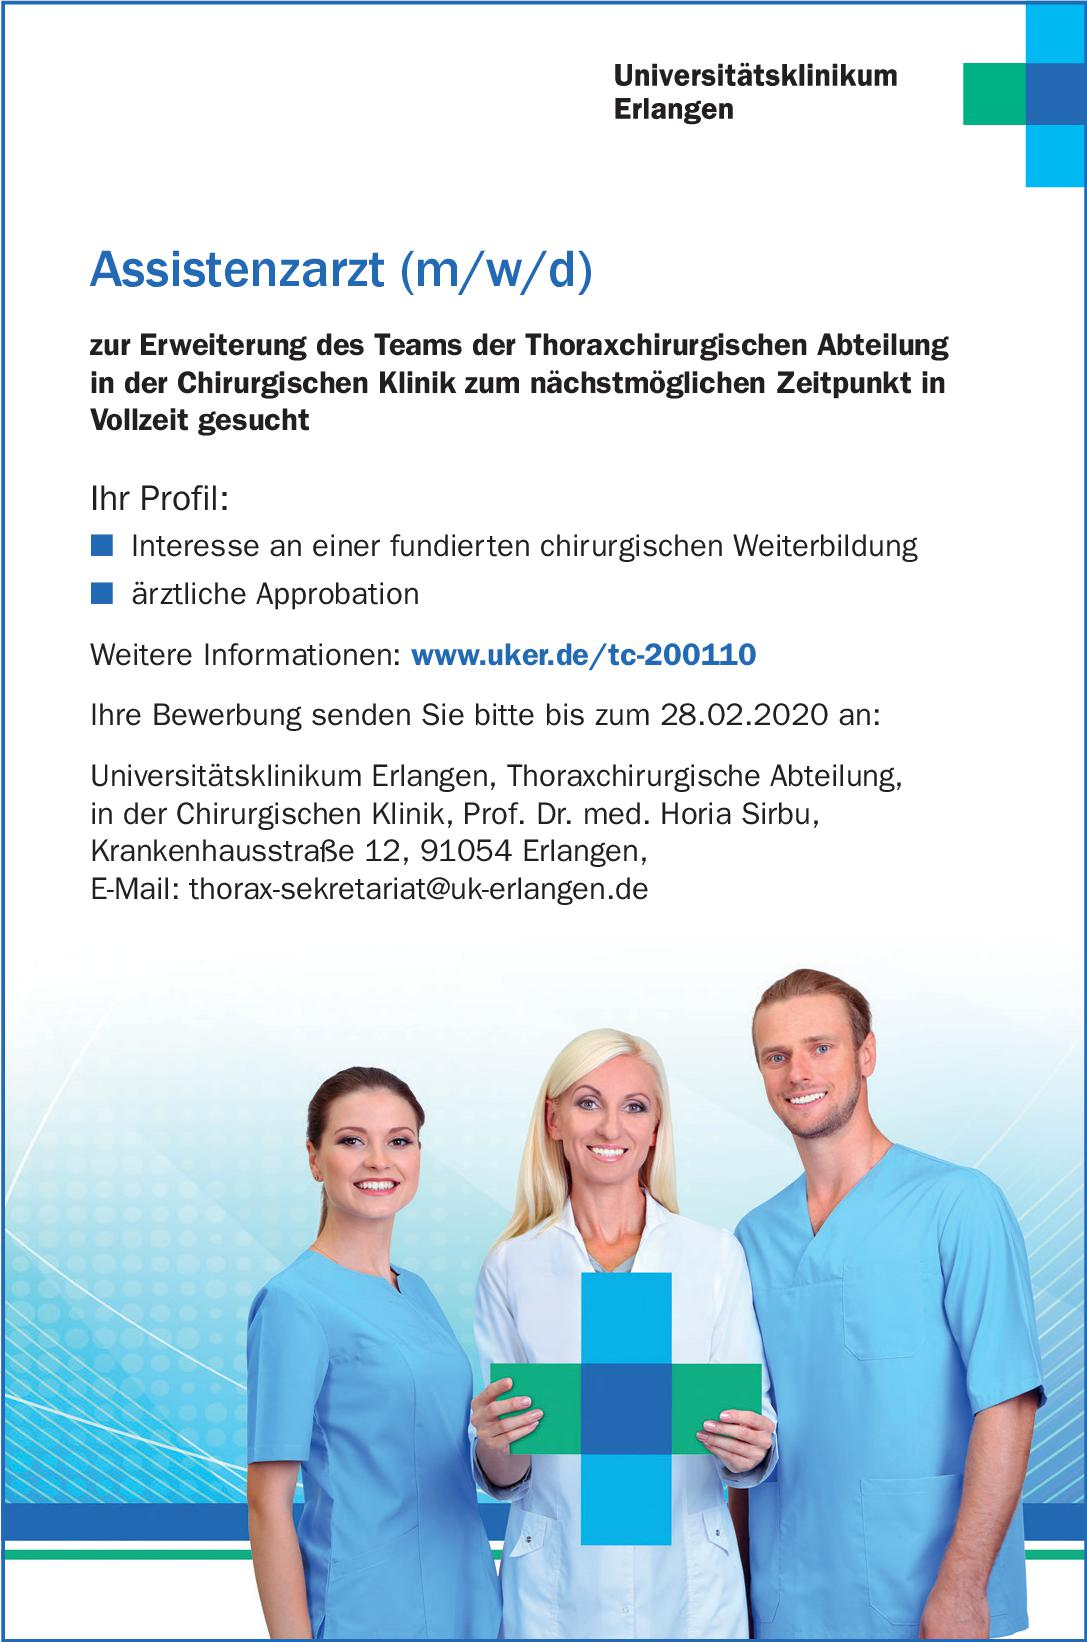 Universitätsklinikum Erlangen Assistenzarzt (m/w/d) für die Thoraxchirurgischen Abteilung  Thoraxchirurgie, Chirurgie Assistenzarzt / Arzt in Weiterbildung